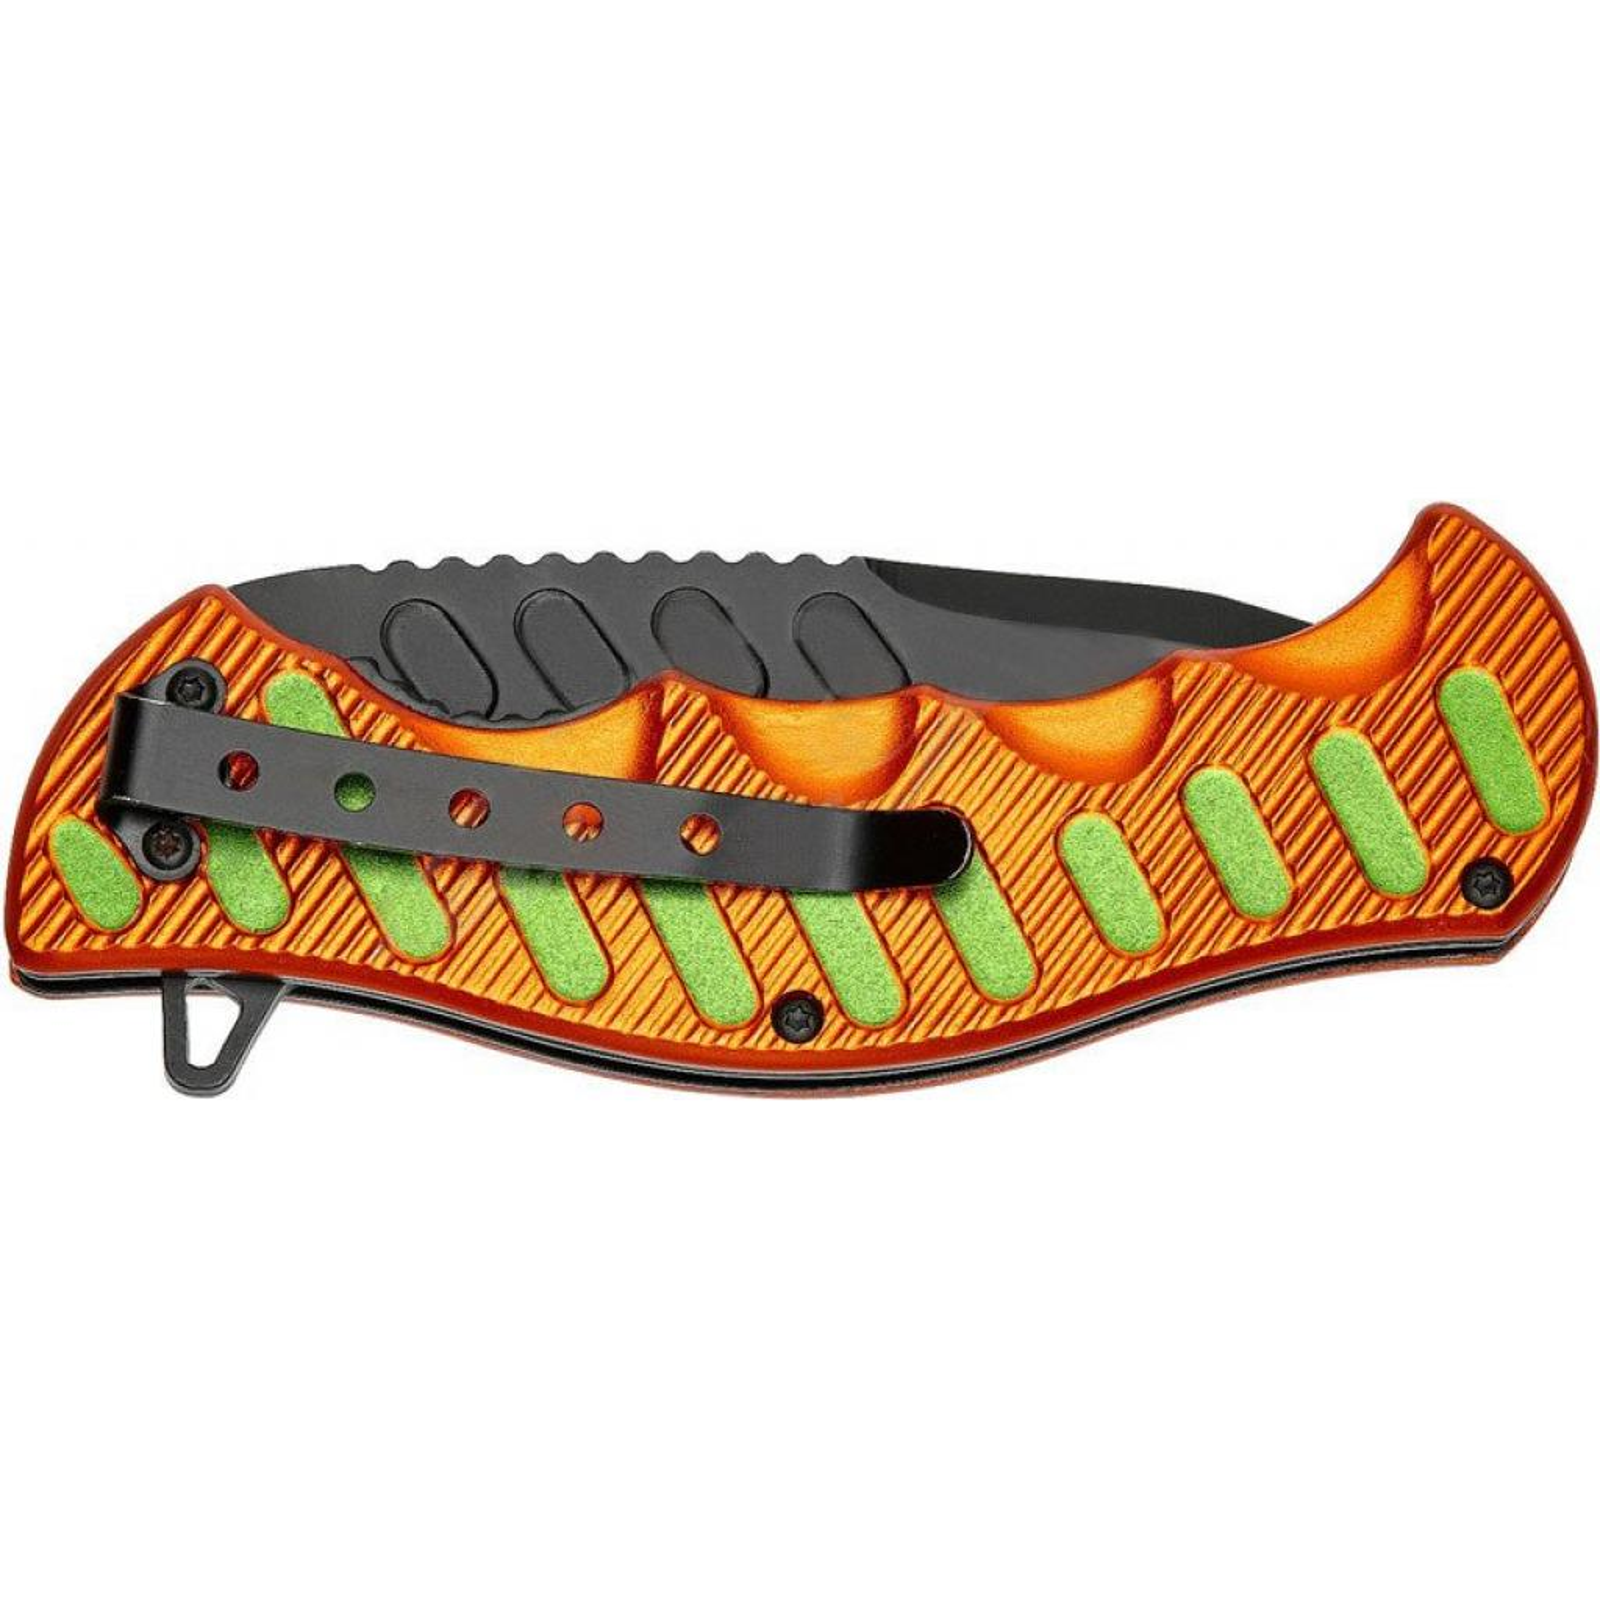 Нож Skif Plus Funster Black/Orange (H-K2010053OGR) изображение 4